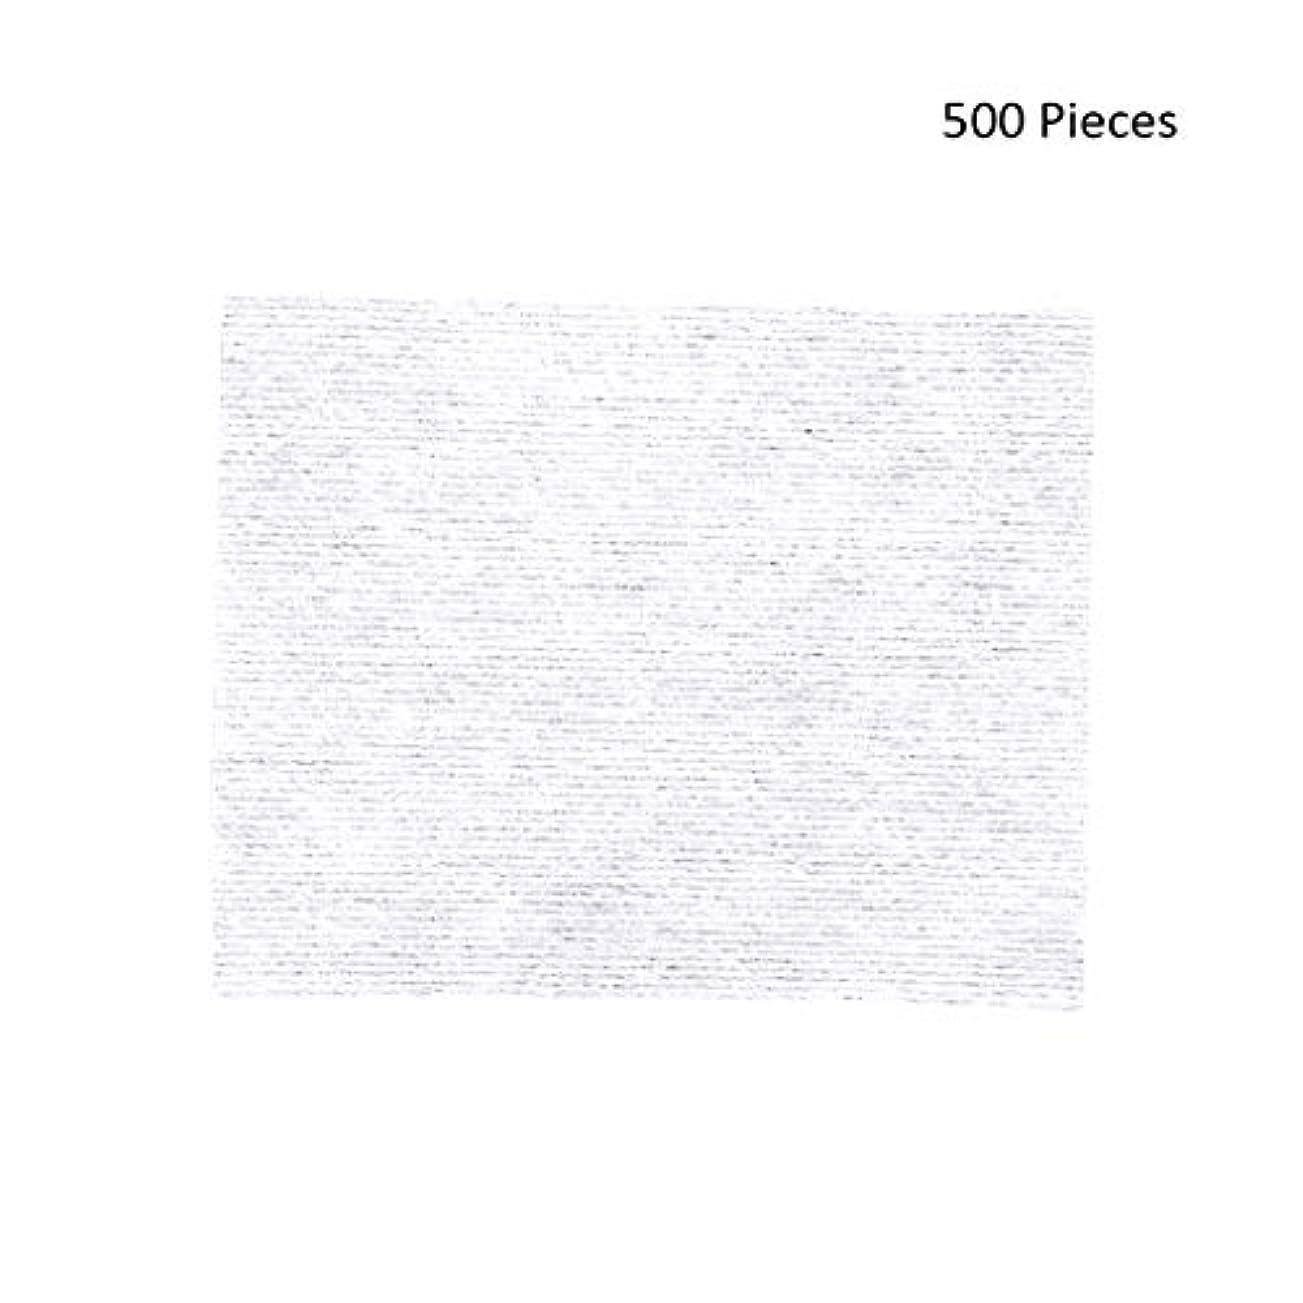 タックズーム症候群500ピースフェイスメイクアップリムーバーワイプコットンパッドメイクアップリムーバーソフト化粧品フェイスマスククレンジングケアフェイシャルコットンパッド (Color : White, サイズ : 6*5cm)